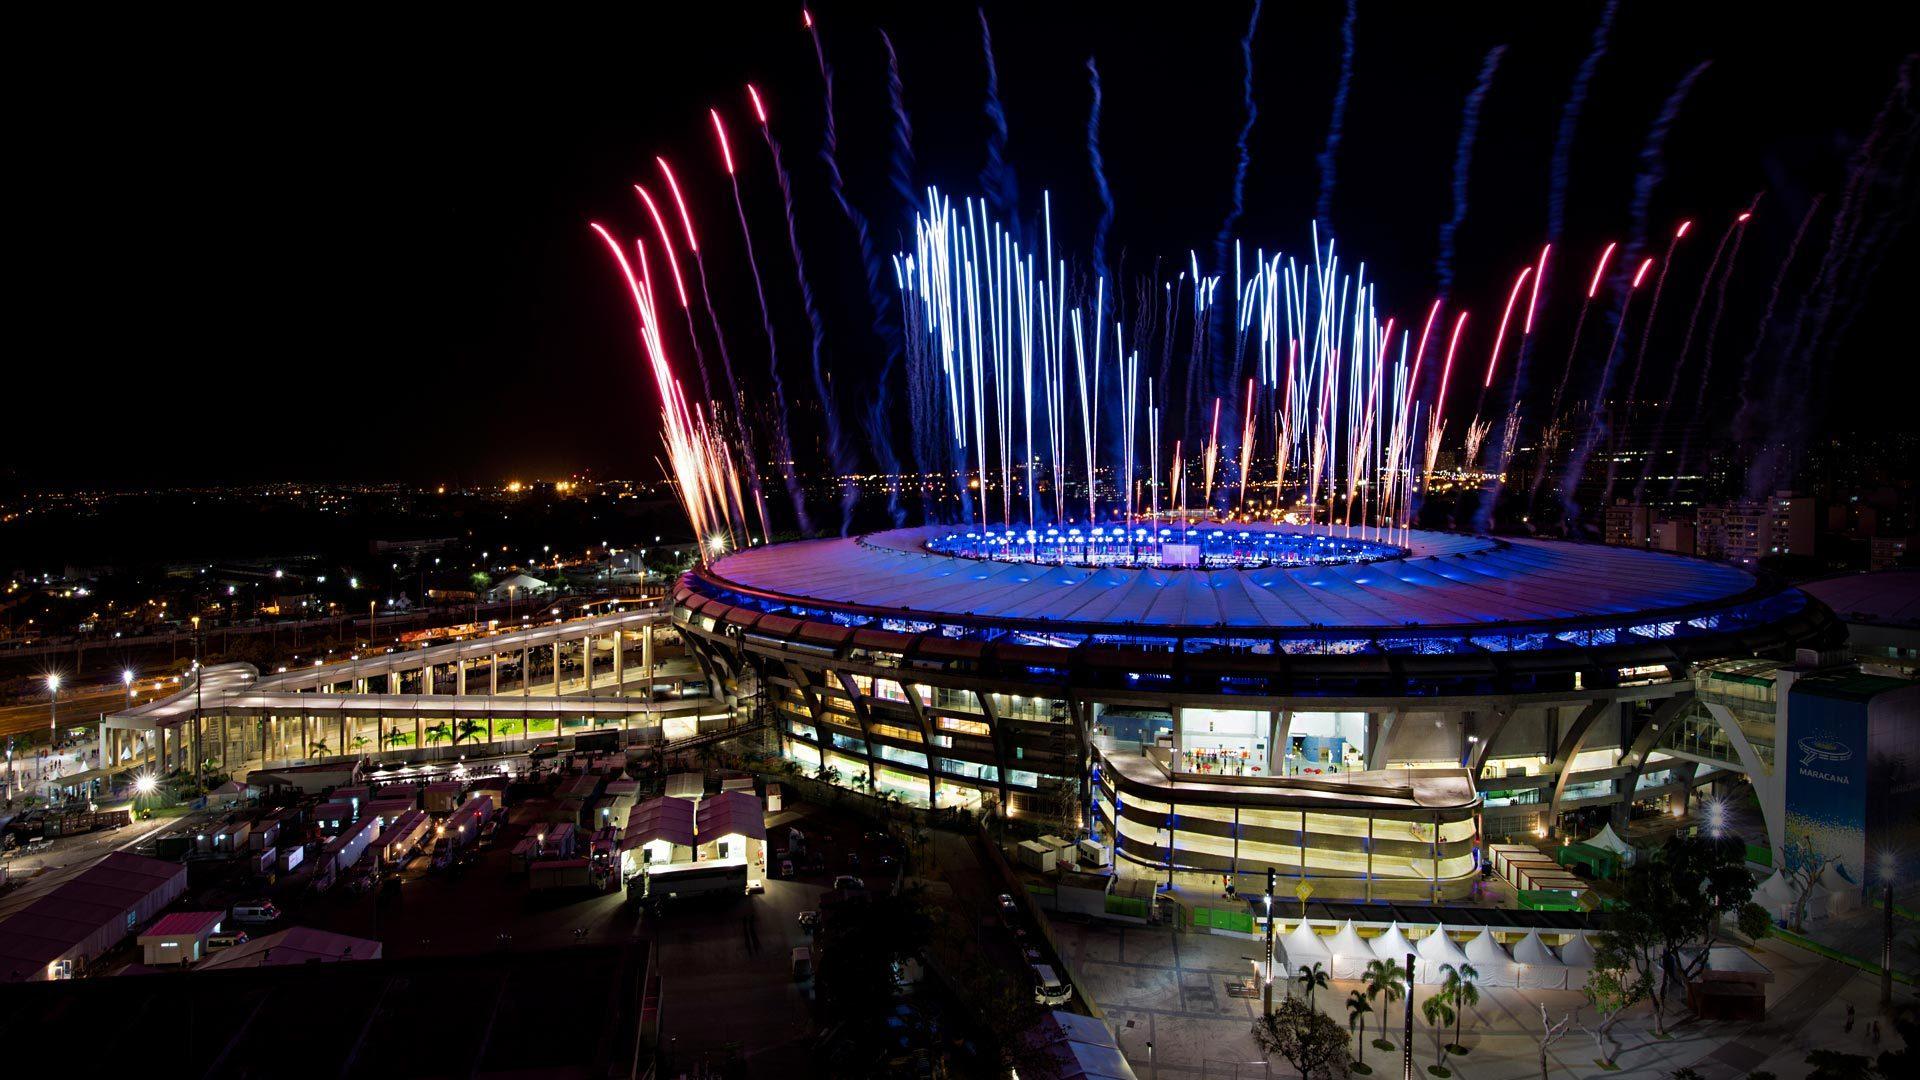 夜幕下的奥运会场馆